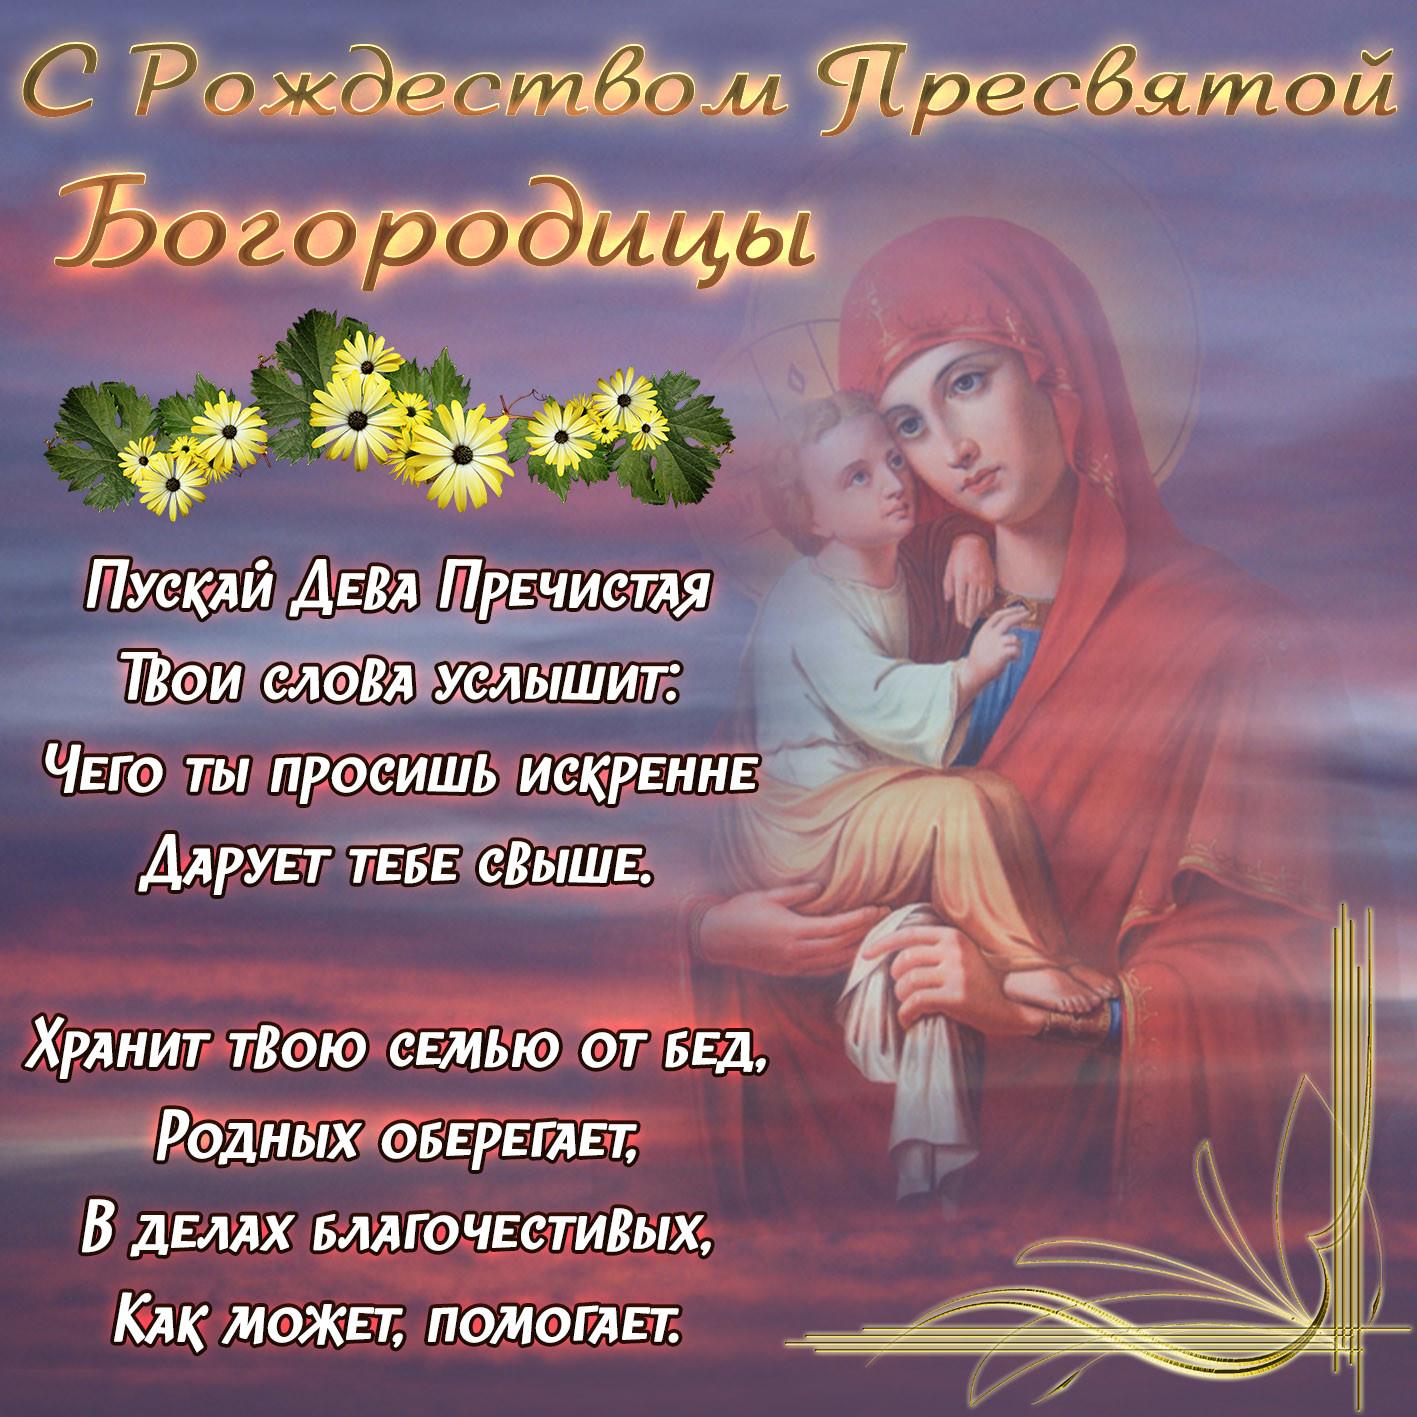 Рождество пресвятой богородицы картинки поздравления открытки, поздравительных открыток своими